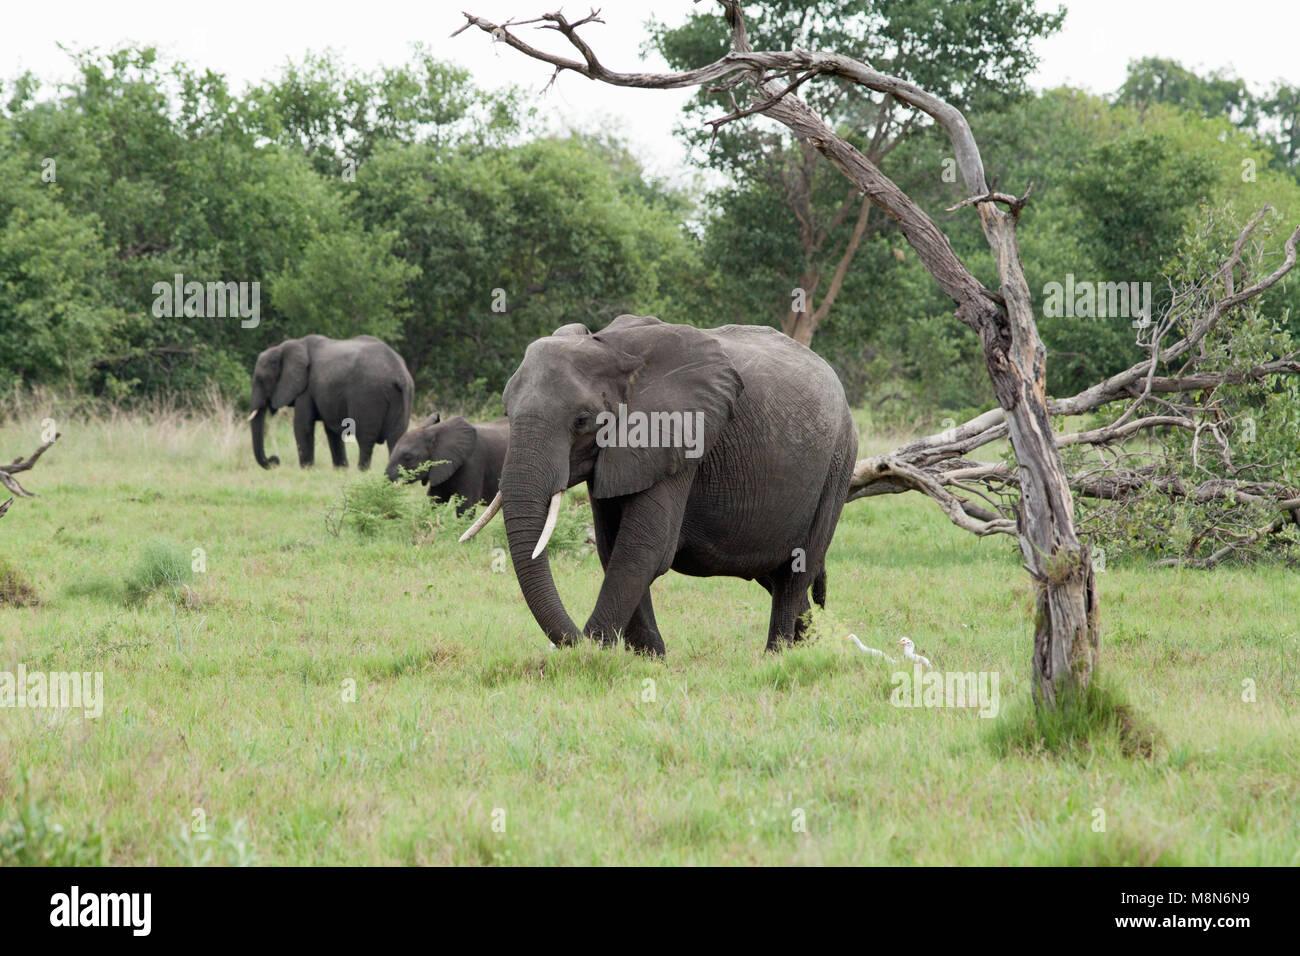 African Elephants (Loxodonta africanus). Feeding. Grazing, gathering grass. Elephant damaged tree foreground.January. - Stock Image